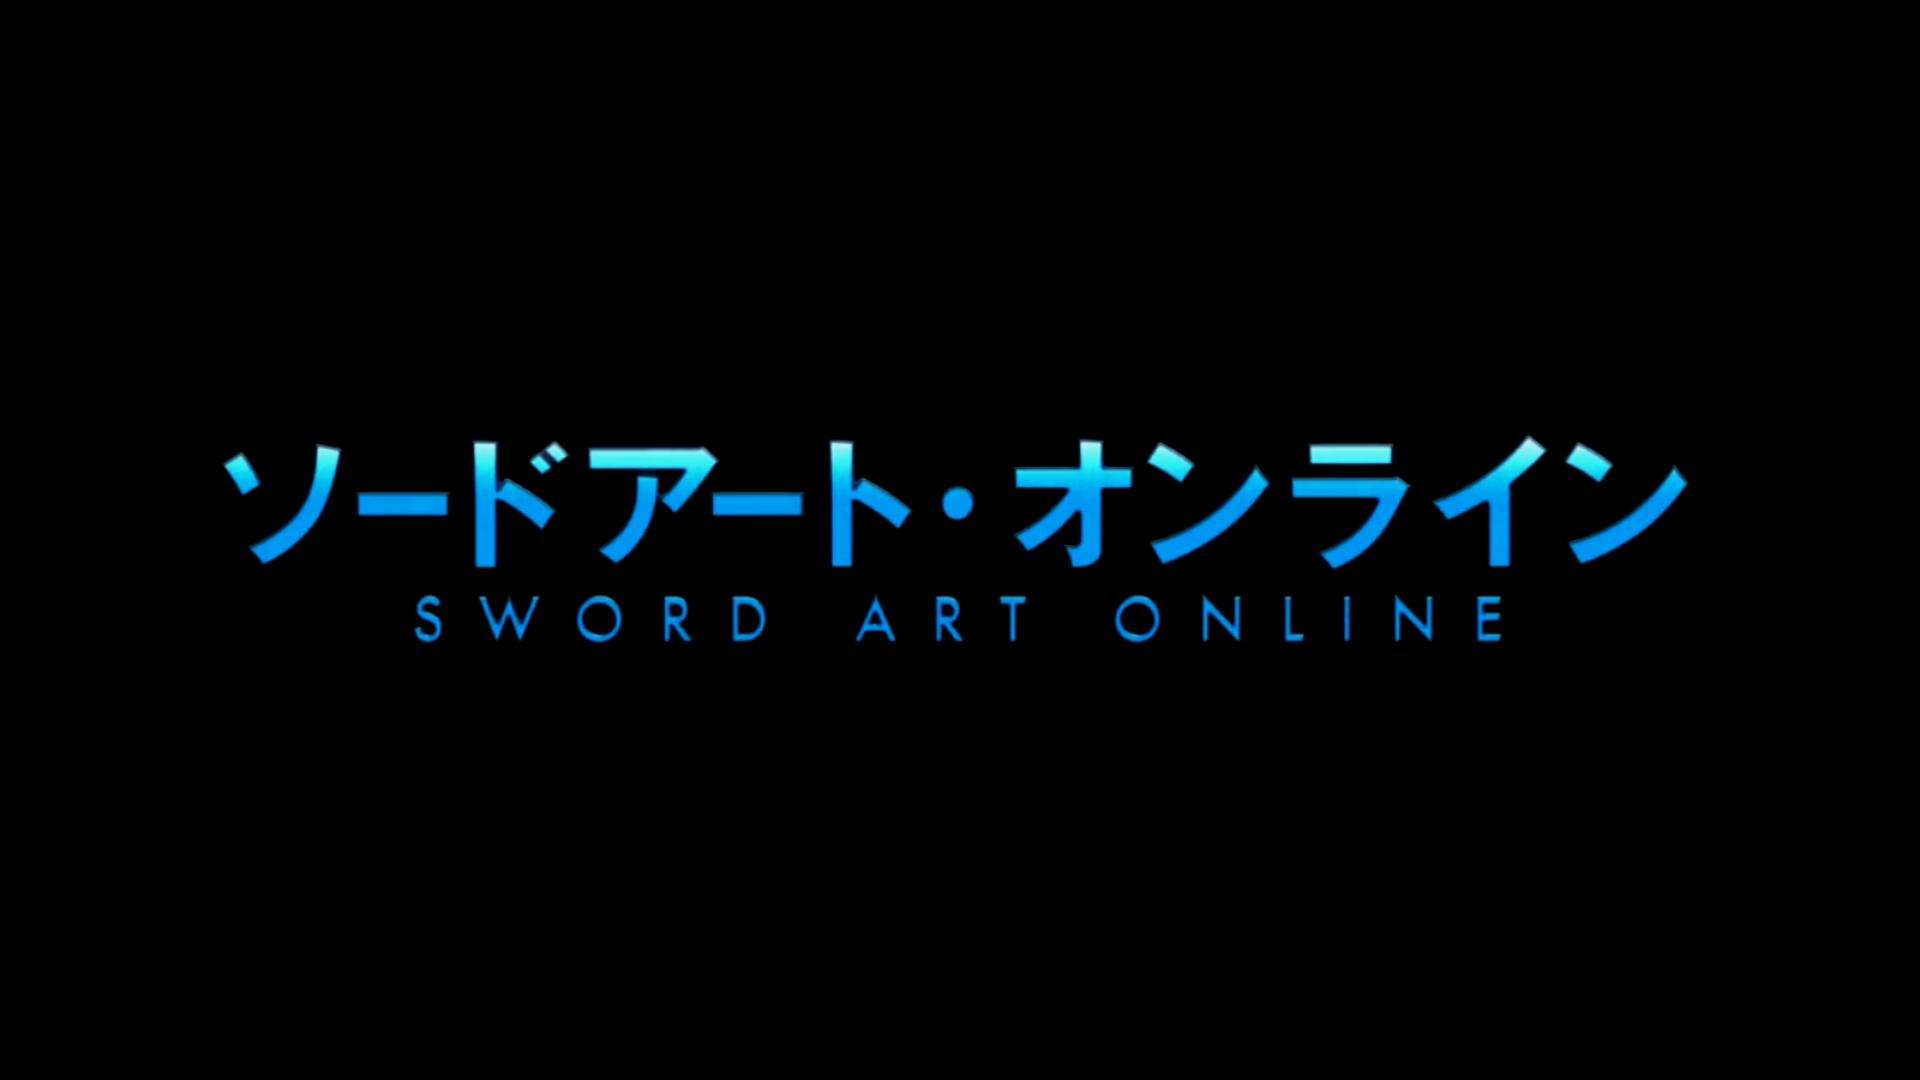 Sword Art Online wallpaper 43